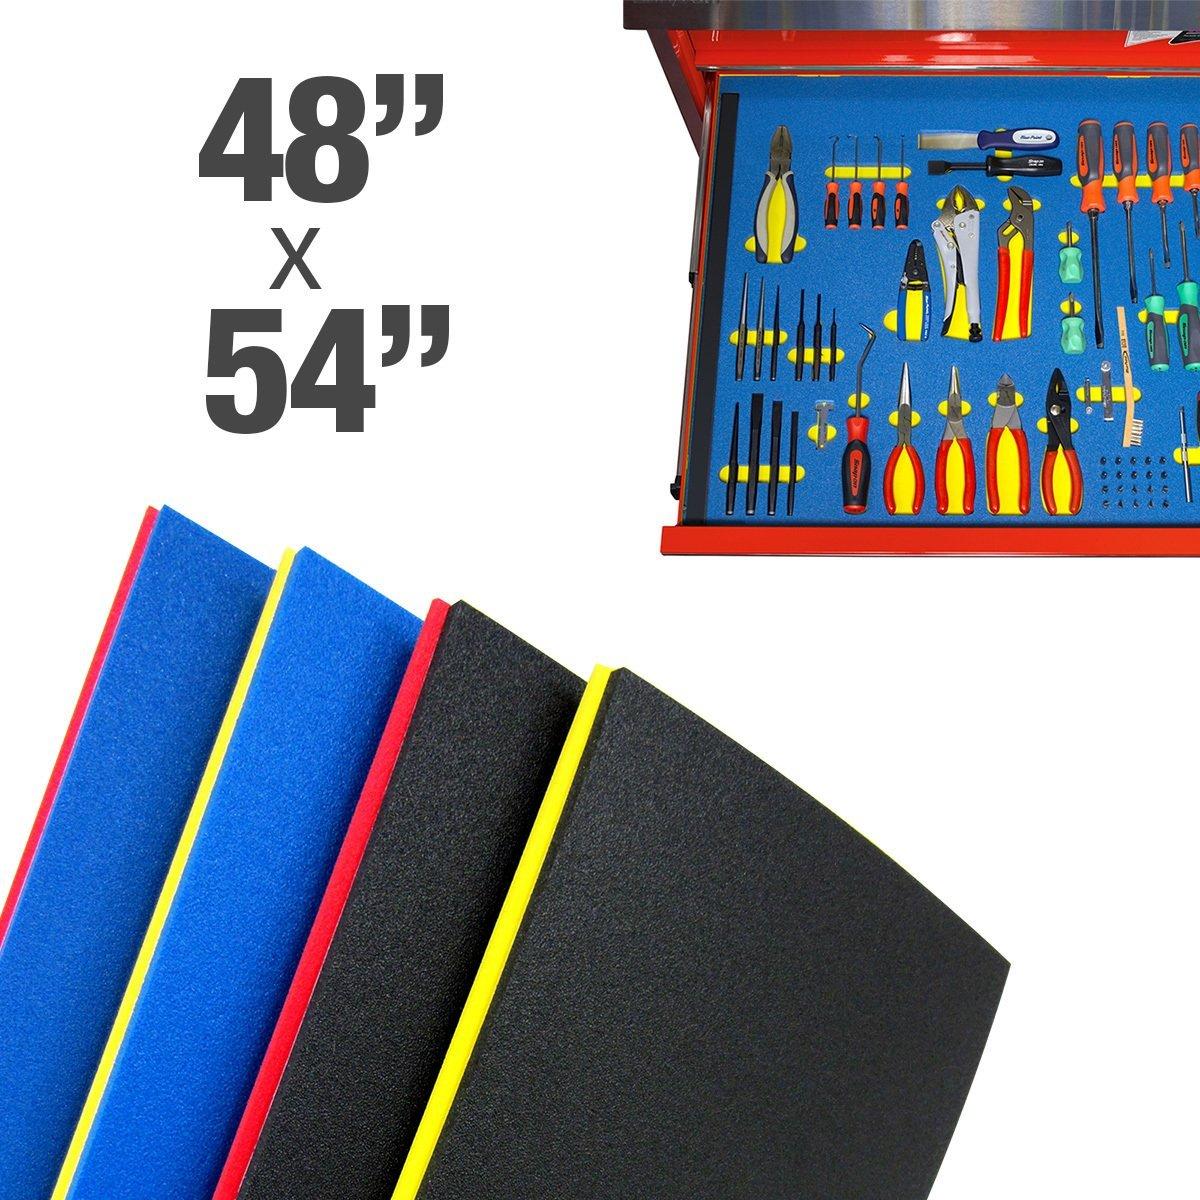 """Foam Custom Tool Kits (48""""x54"""") : Blue (Top) Red (Bottom)"""